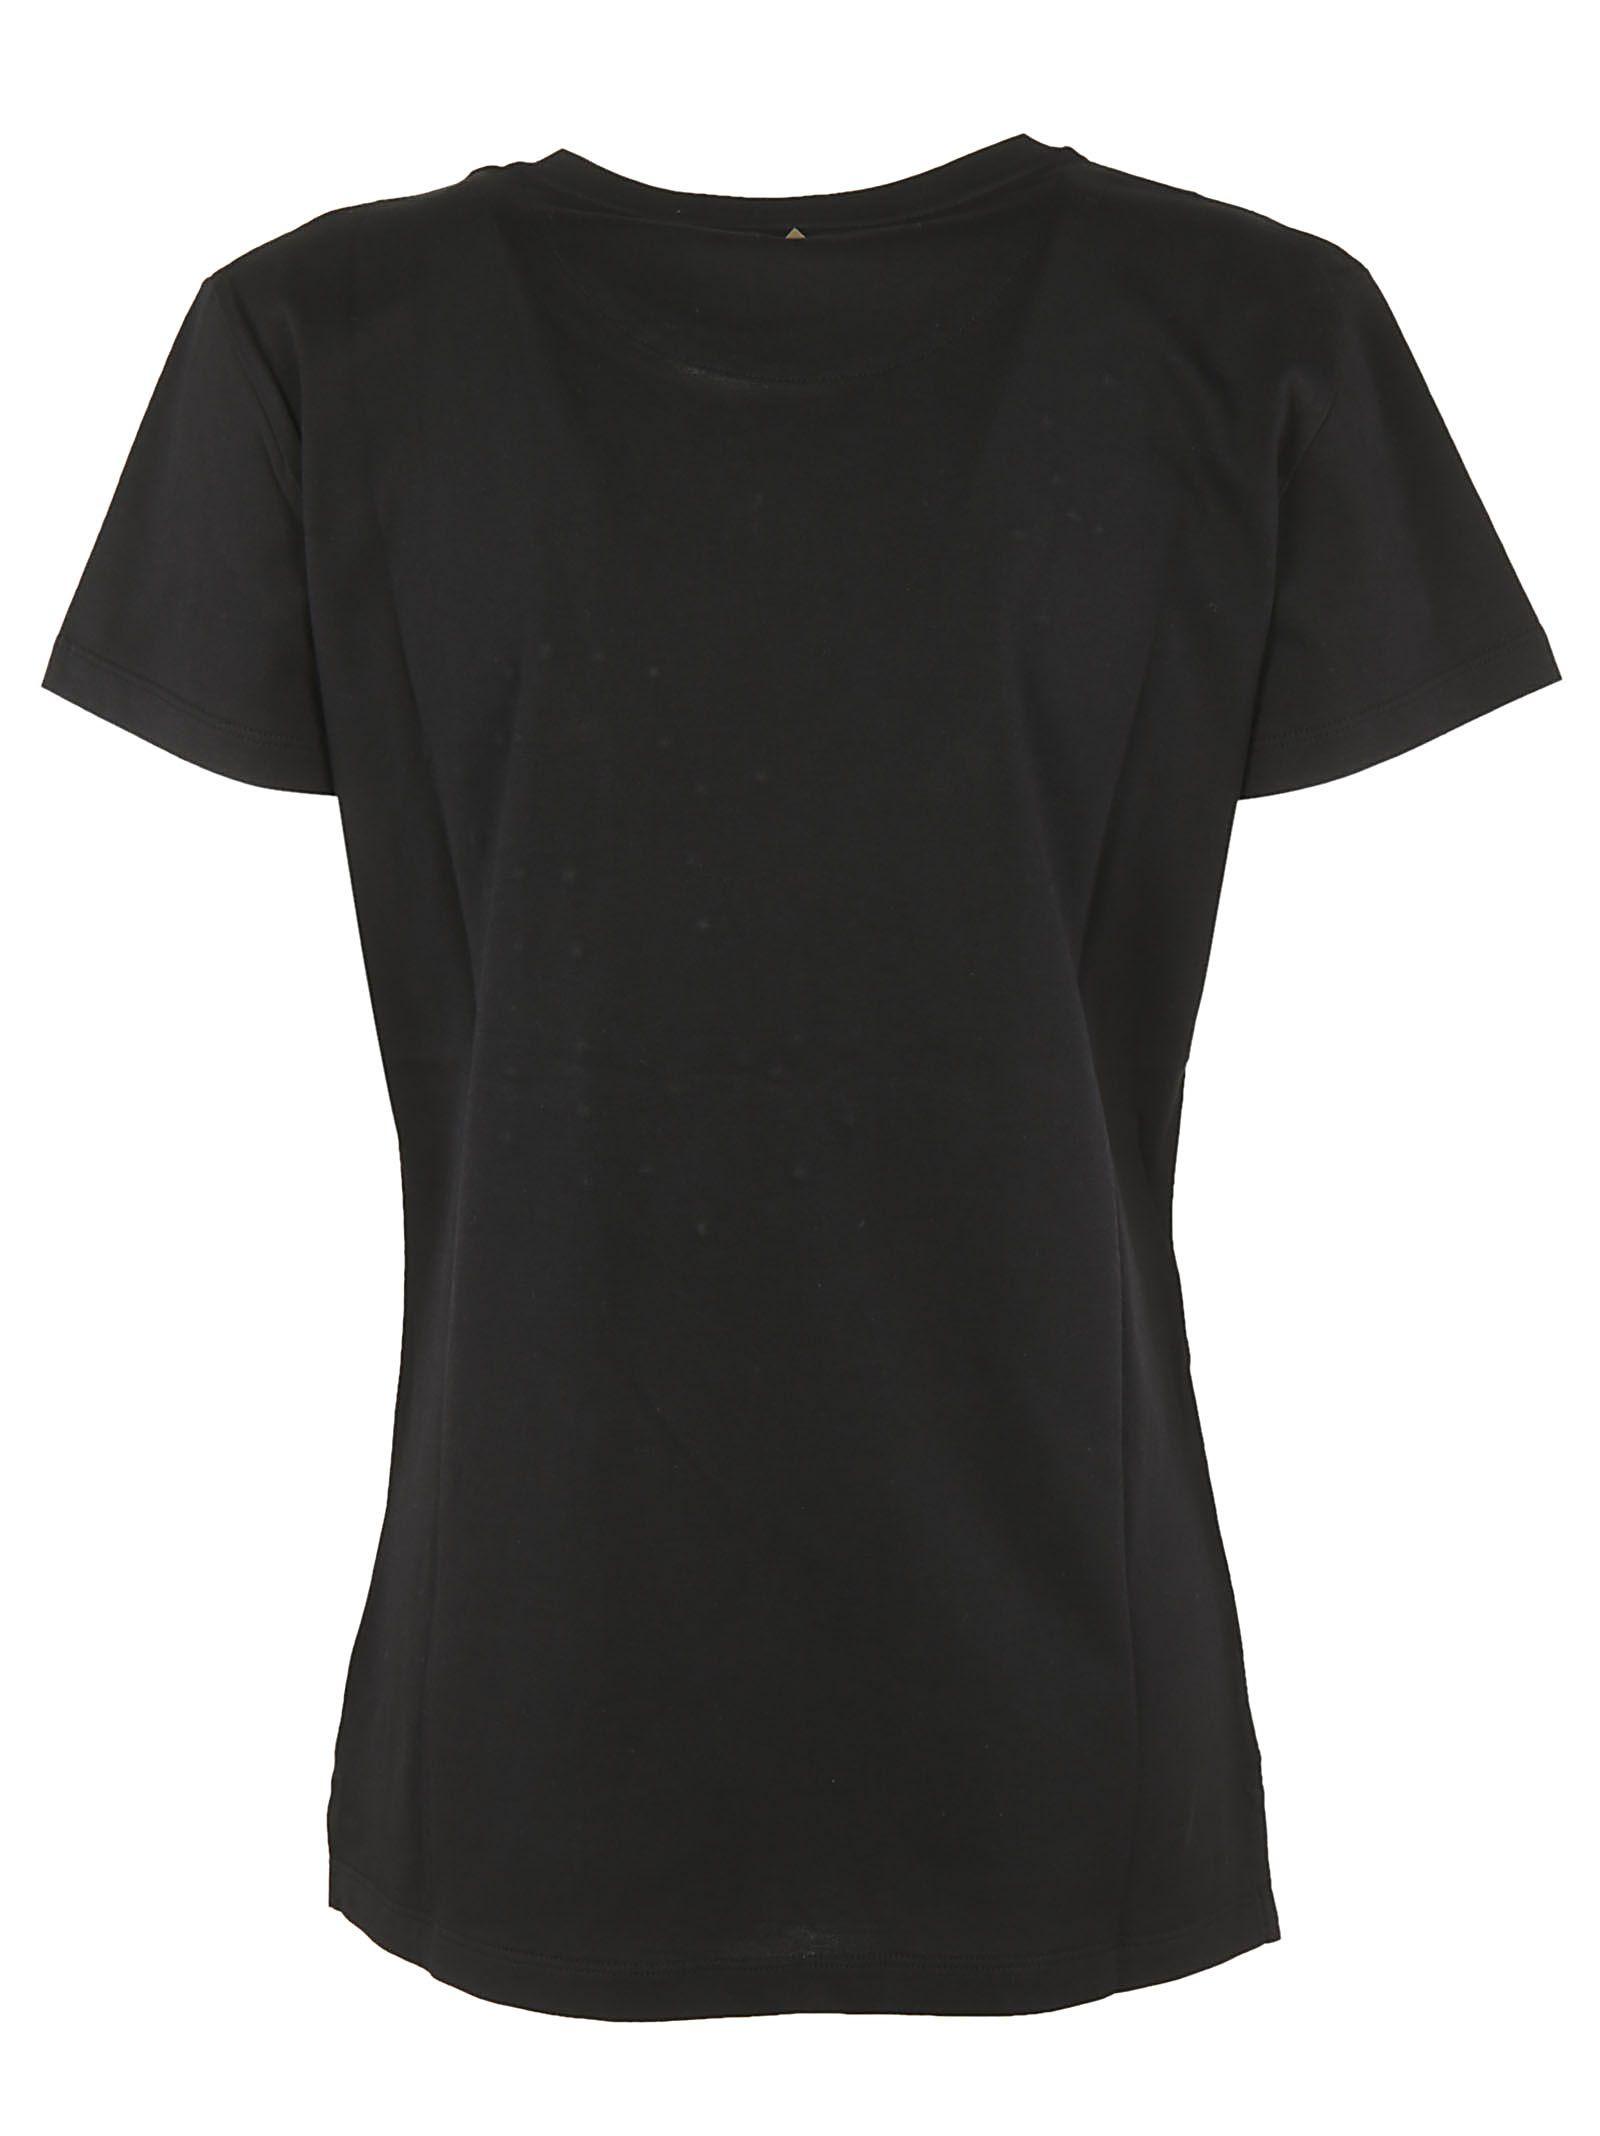 Valentino valentino tropical dream applique t shirt for Applique shirts for sale